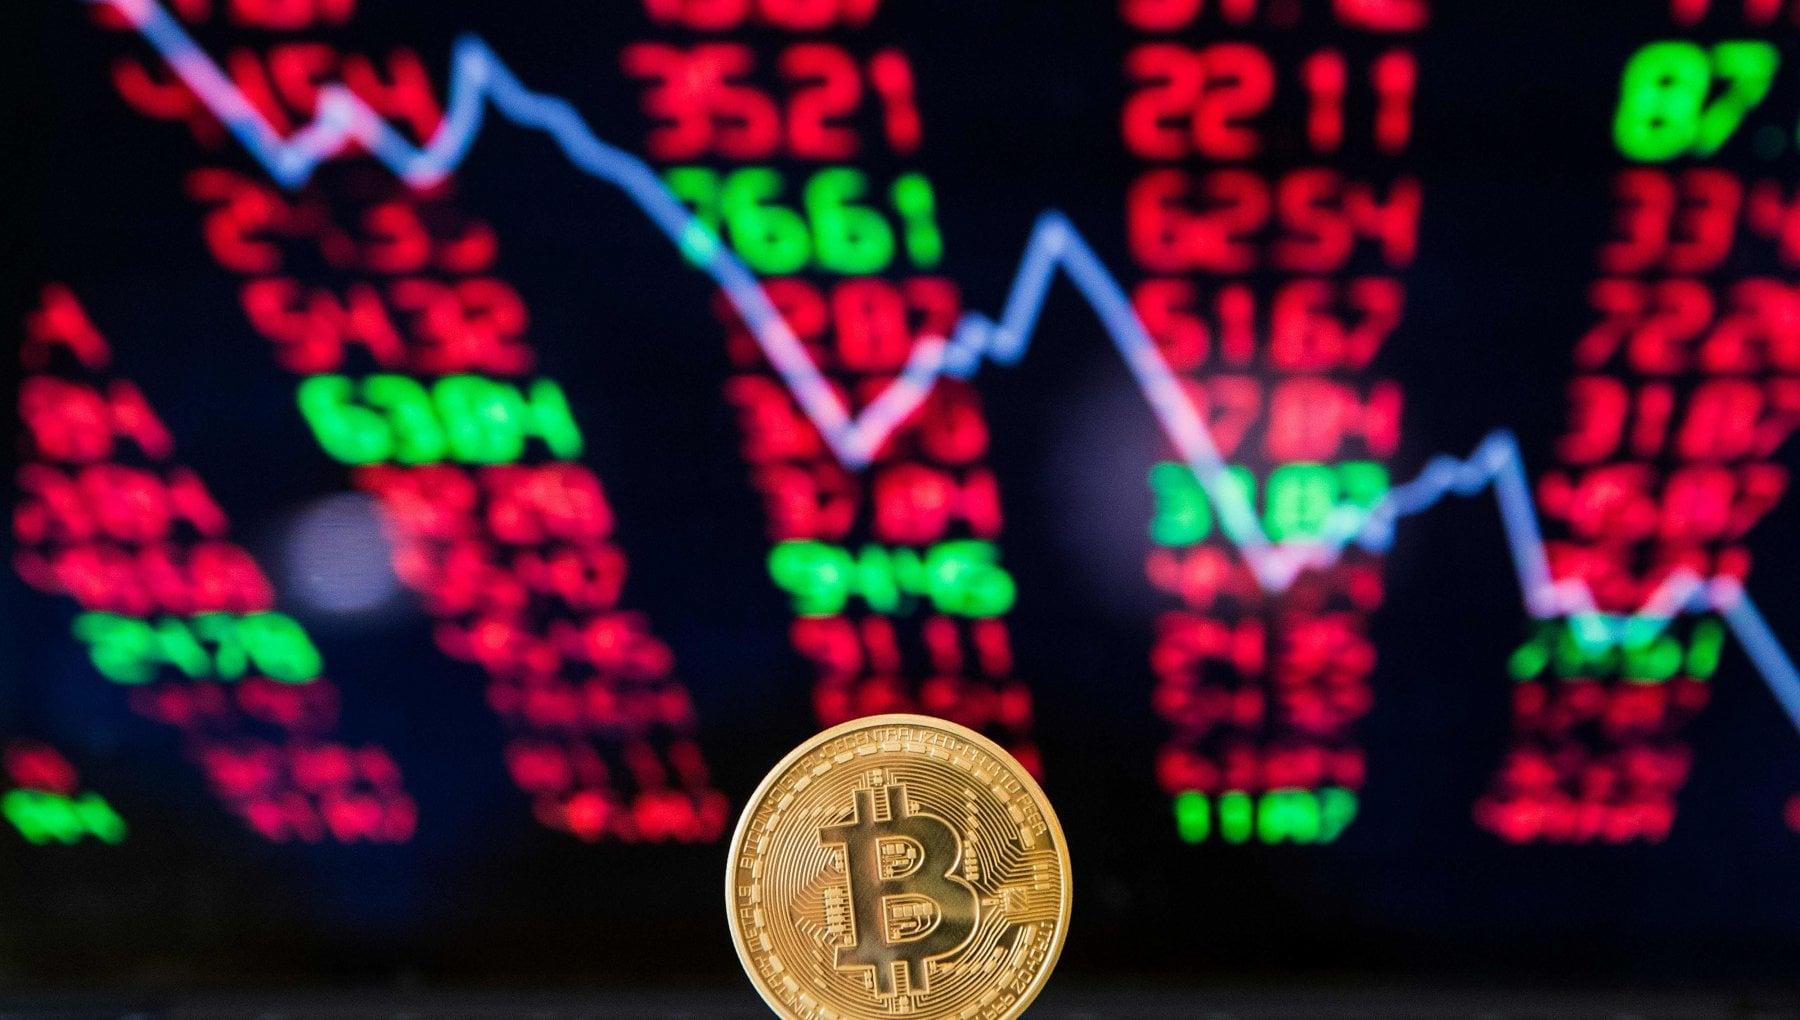 Il lunedi nero del bitcoin giu del 20 in fumo i guadagni record delle ultime settimane